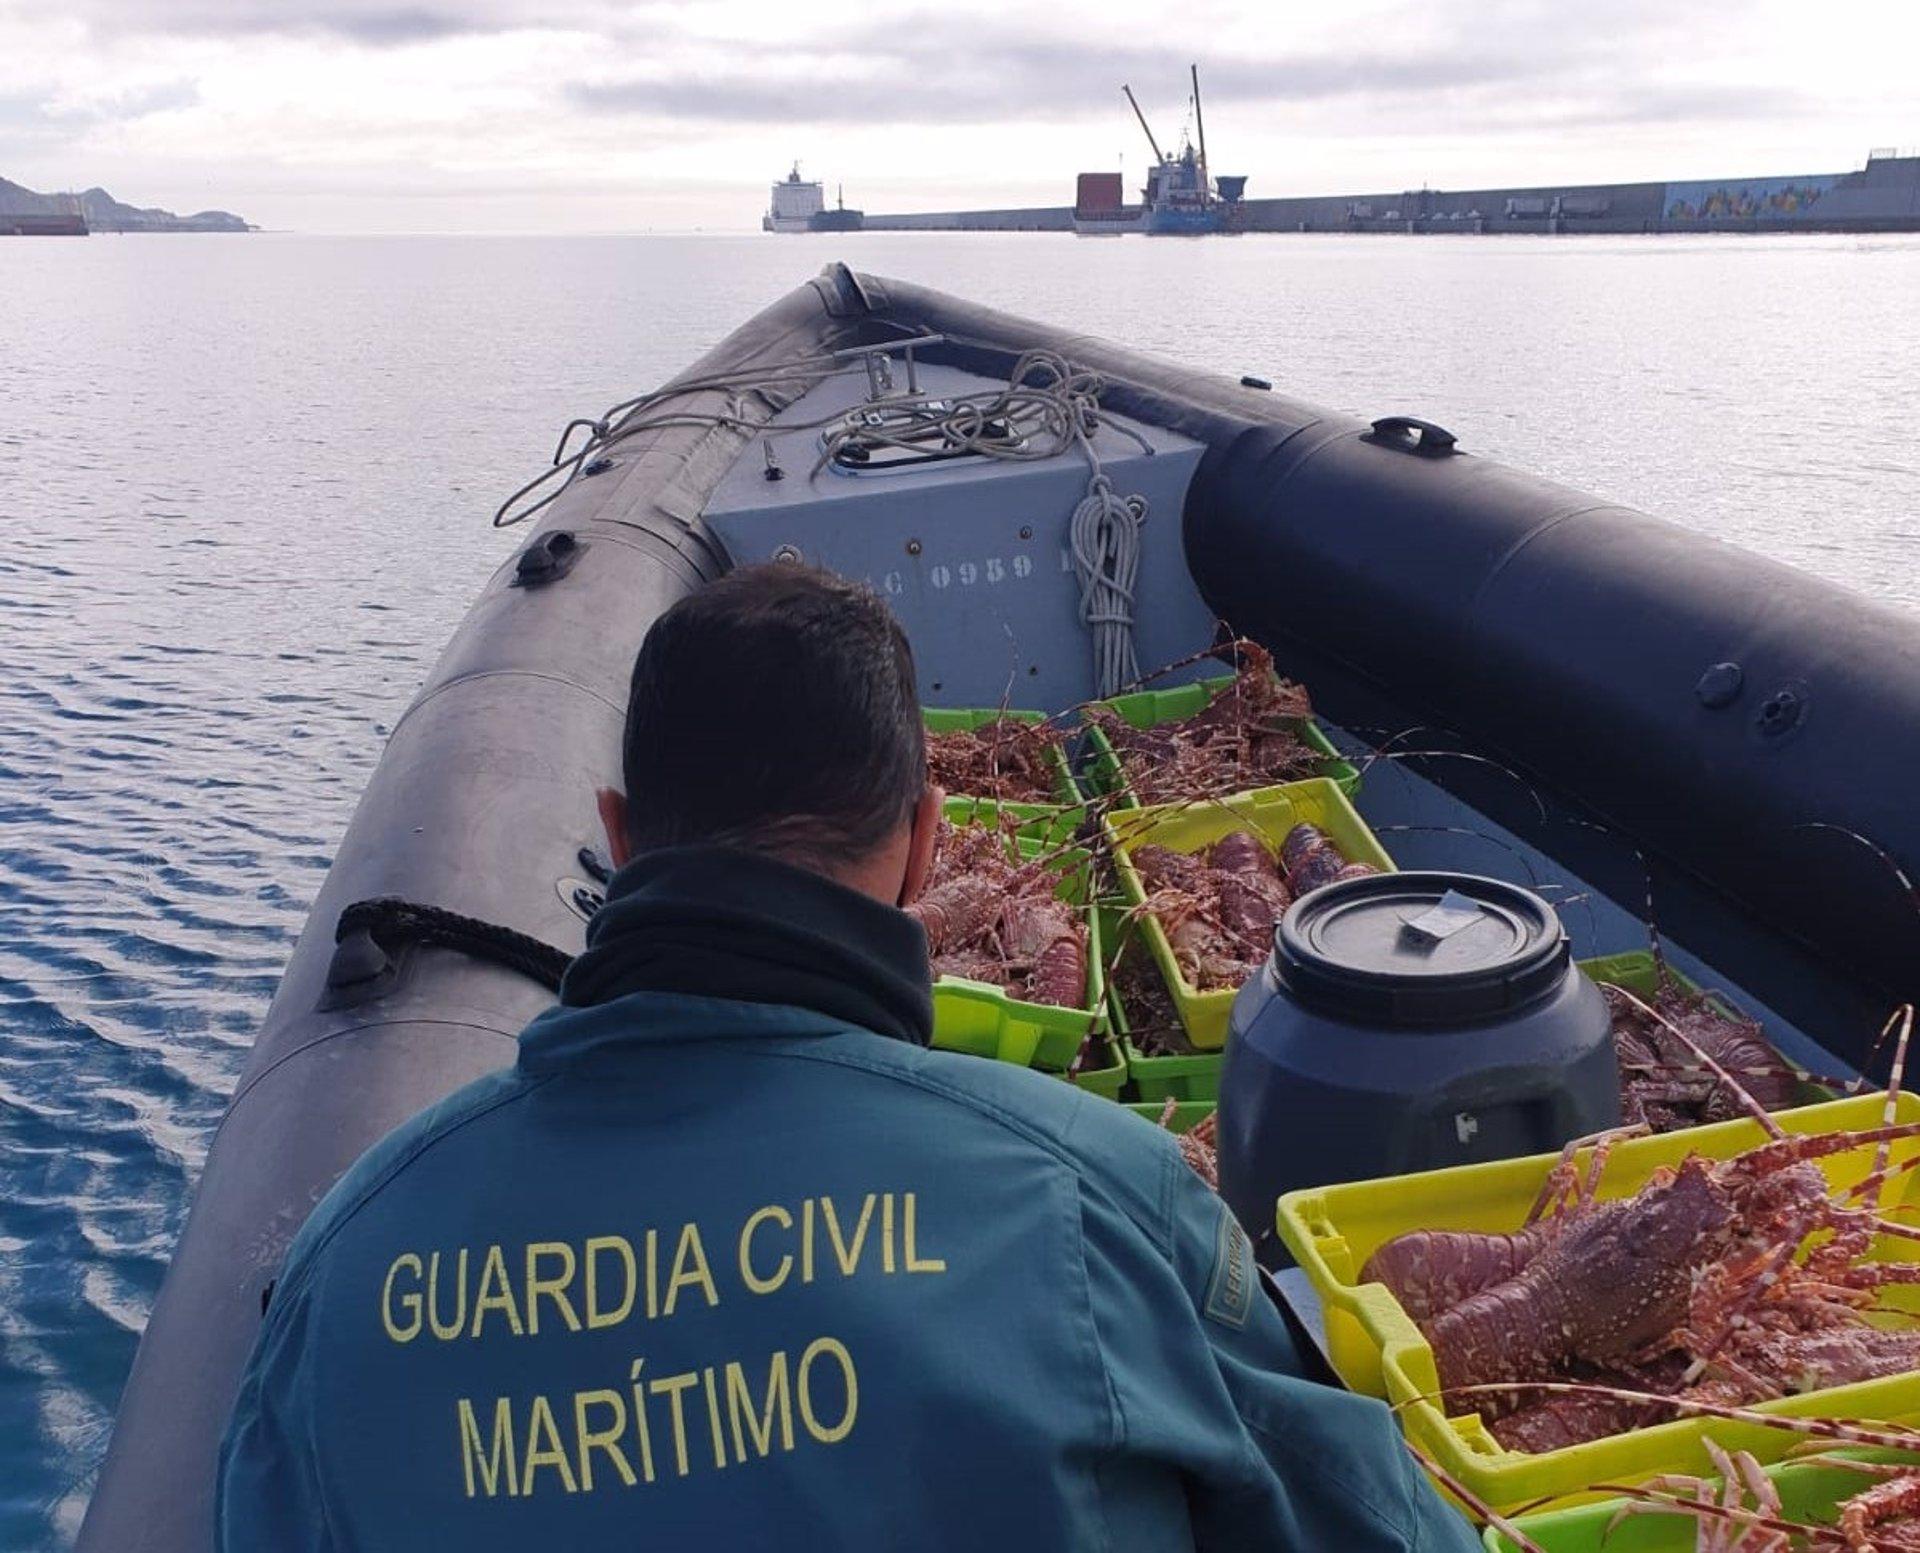 La Guardia Civil se incauta de 80 langostas con huevas en la lonja de Motril